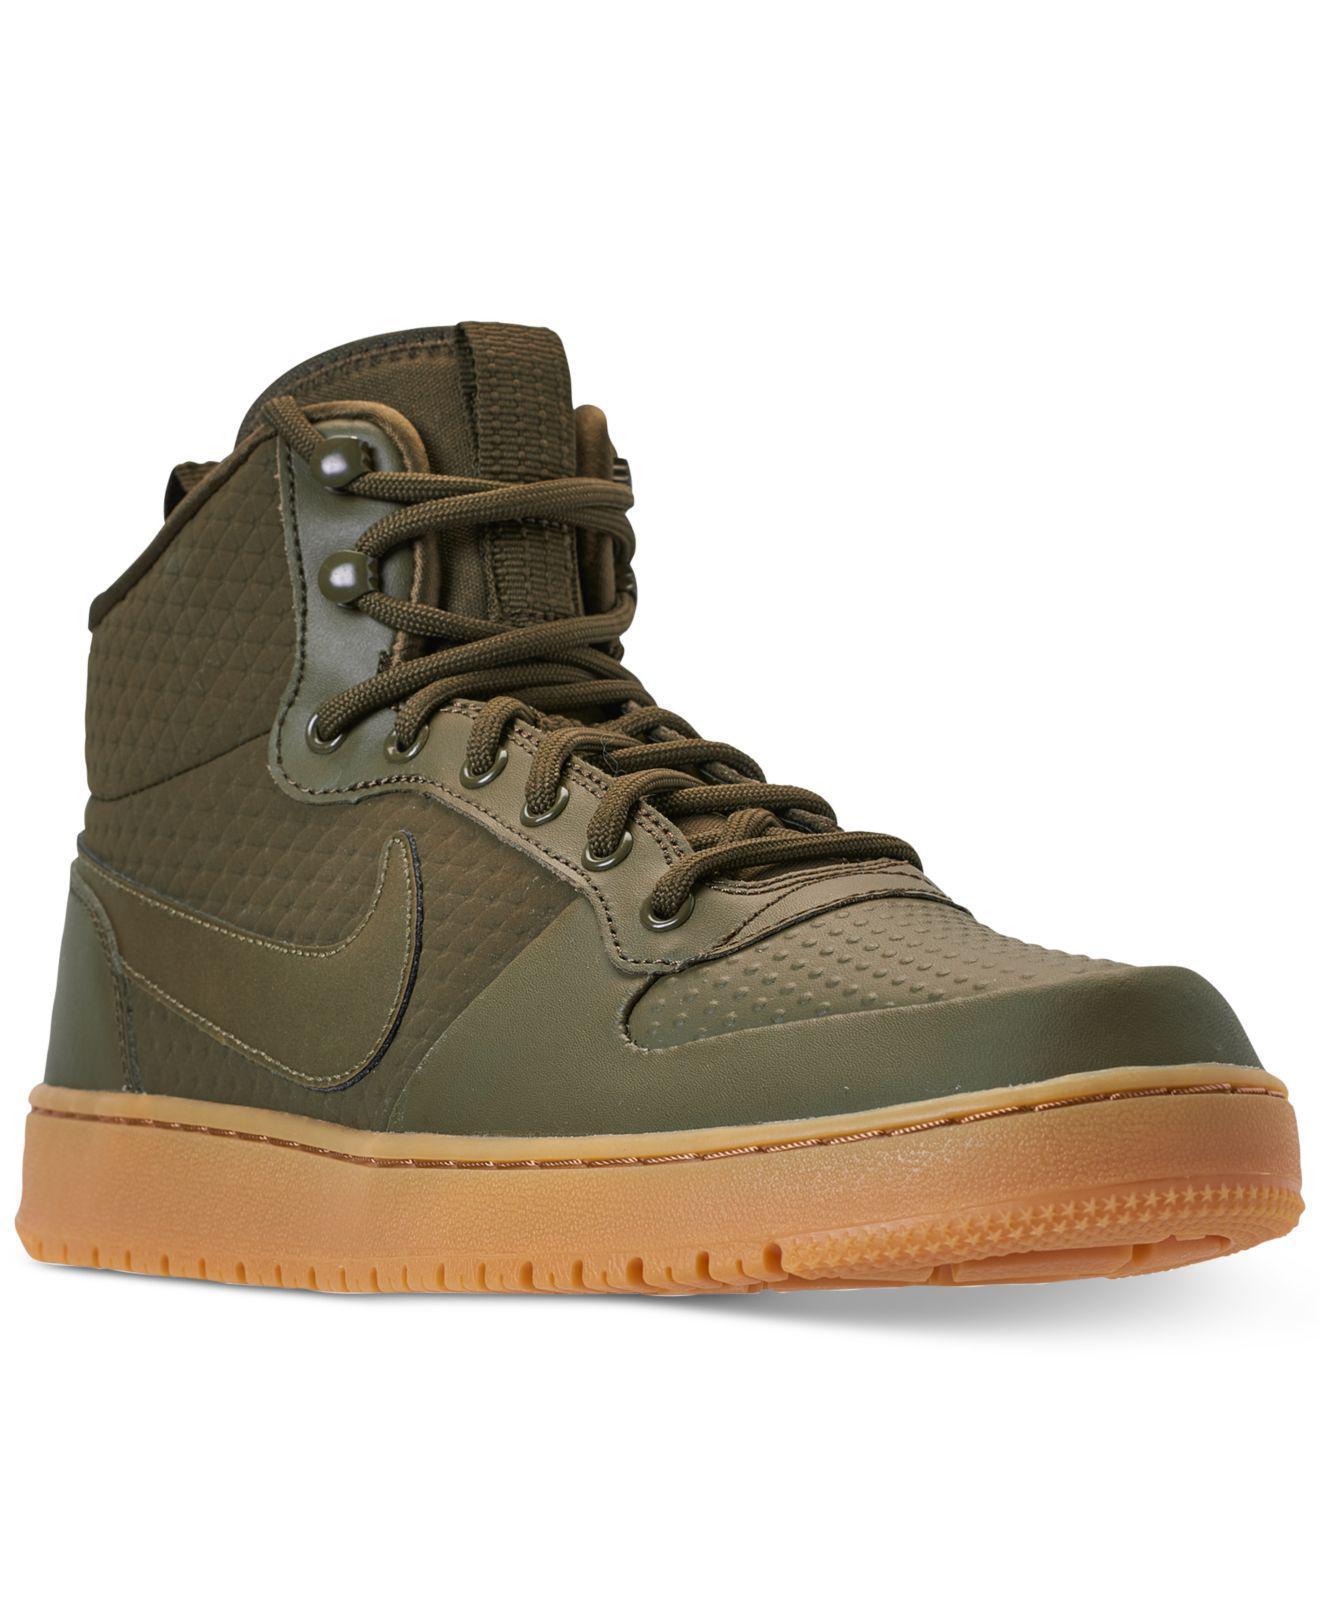 promo code 39731 45a63 Nike. Men s Green Ebernon Mid Winter Casual Sneakers ...